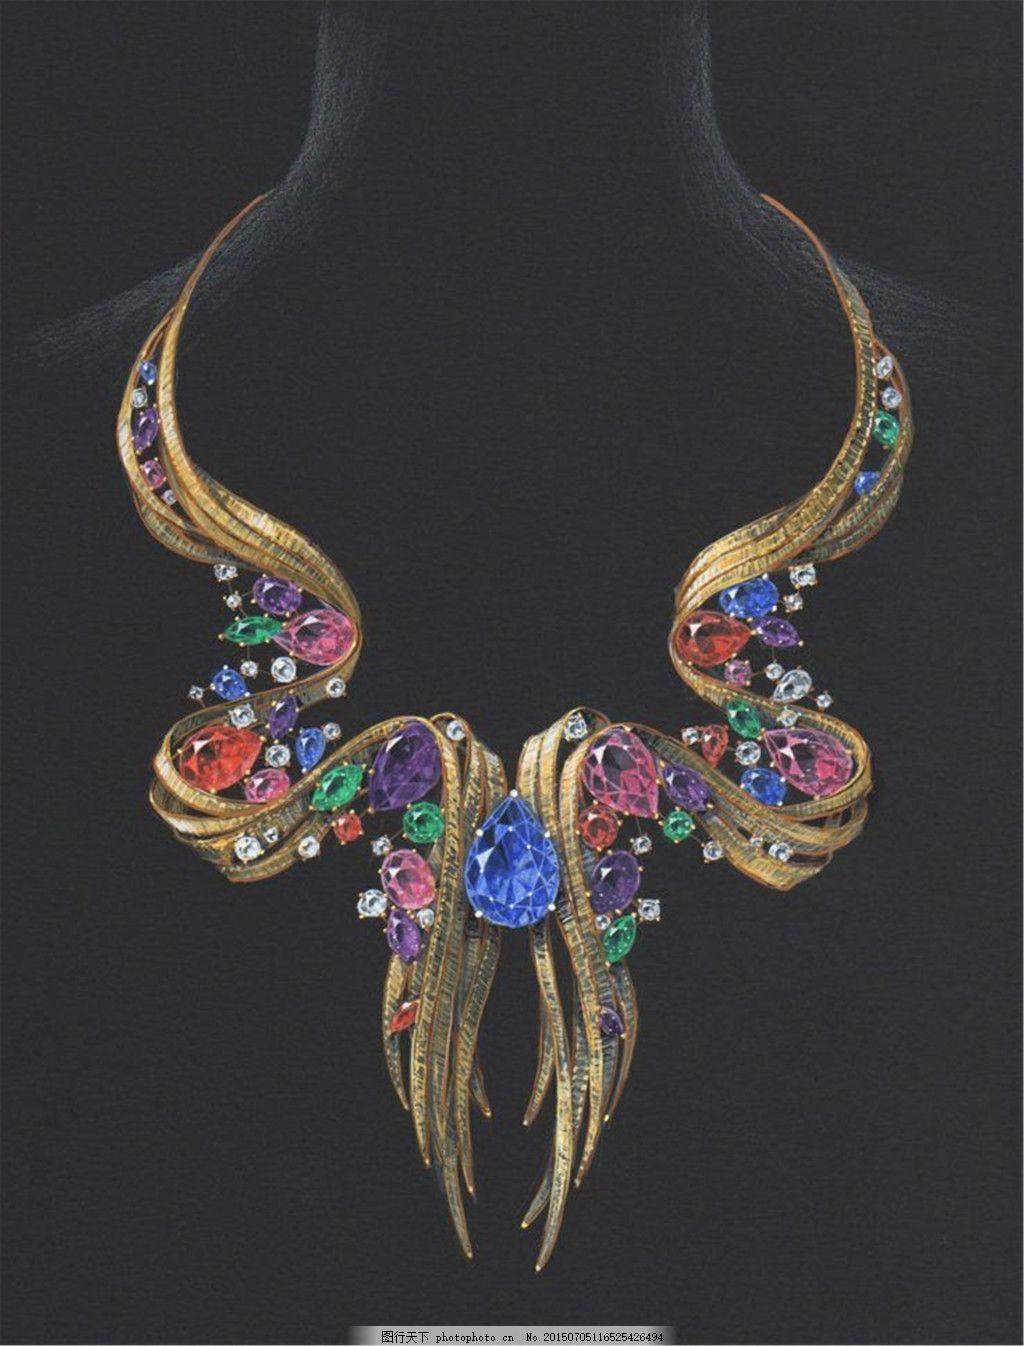 手绘项链珠宝图片设计 时尚 创意 潮流 新颖 美丽 黑色